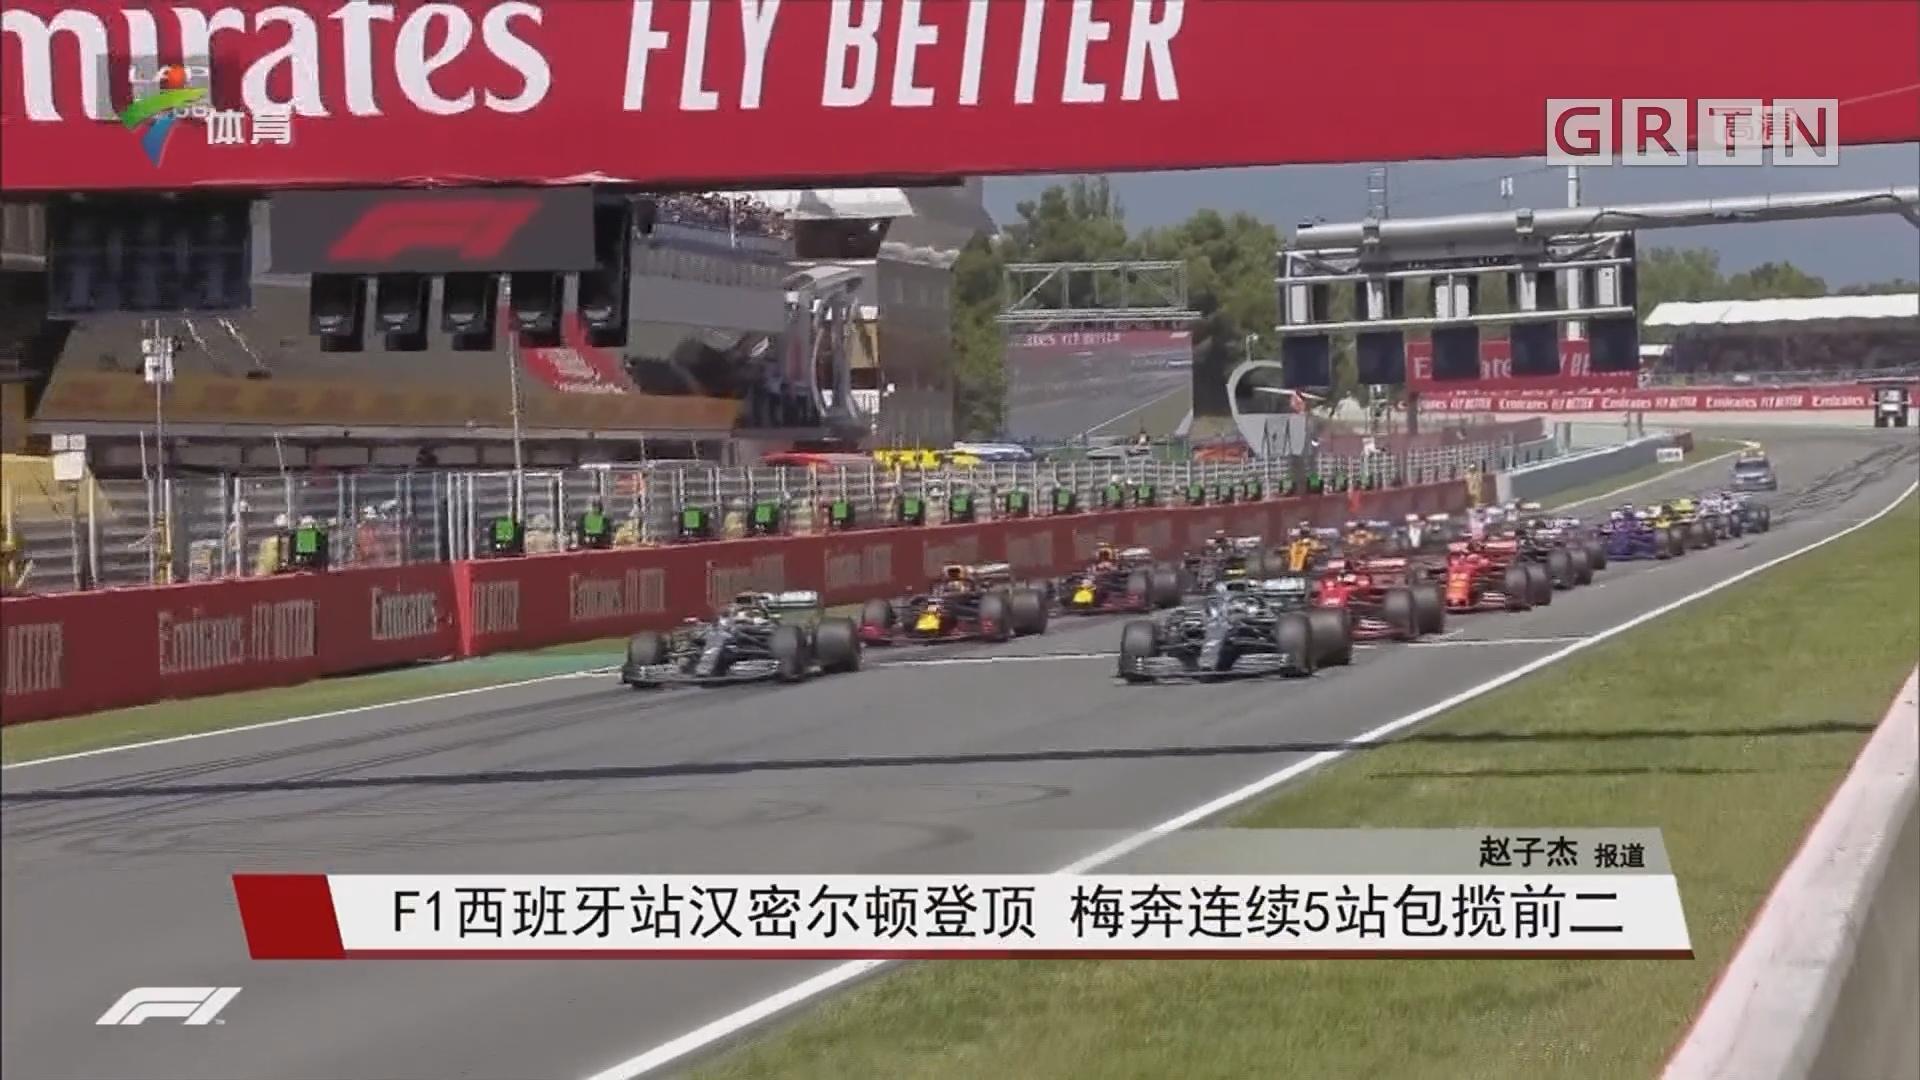 F1西班牙站汉密尔顿登顶 梅奔连续5站包揽前二